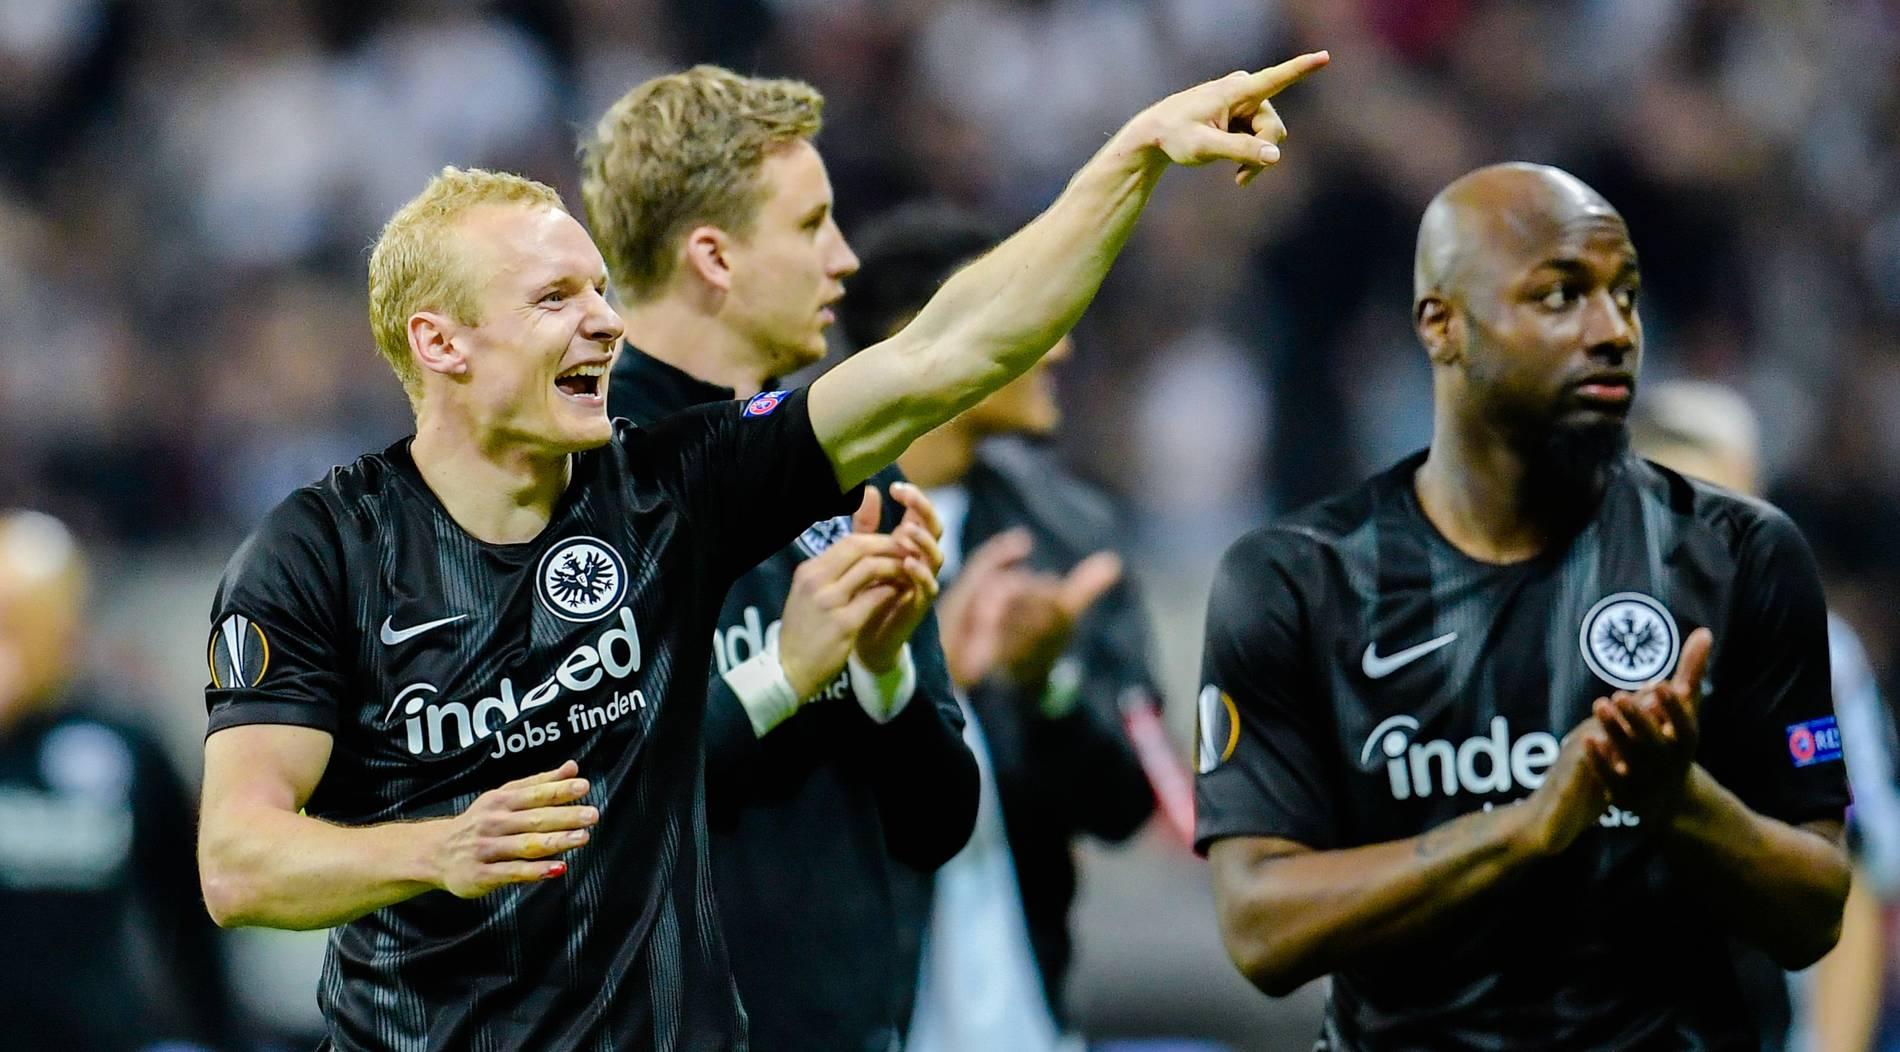 So beschert Frankfurt der Bundesliga einen fünften Champions-League-Platz